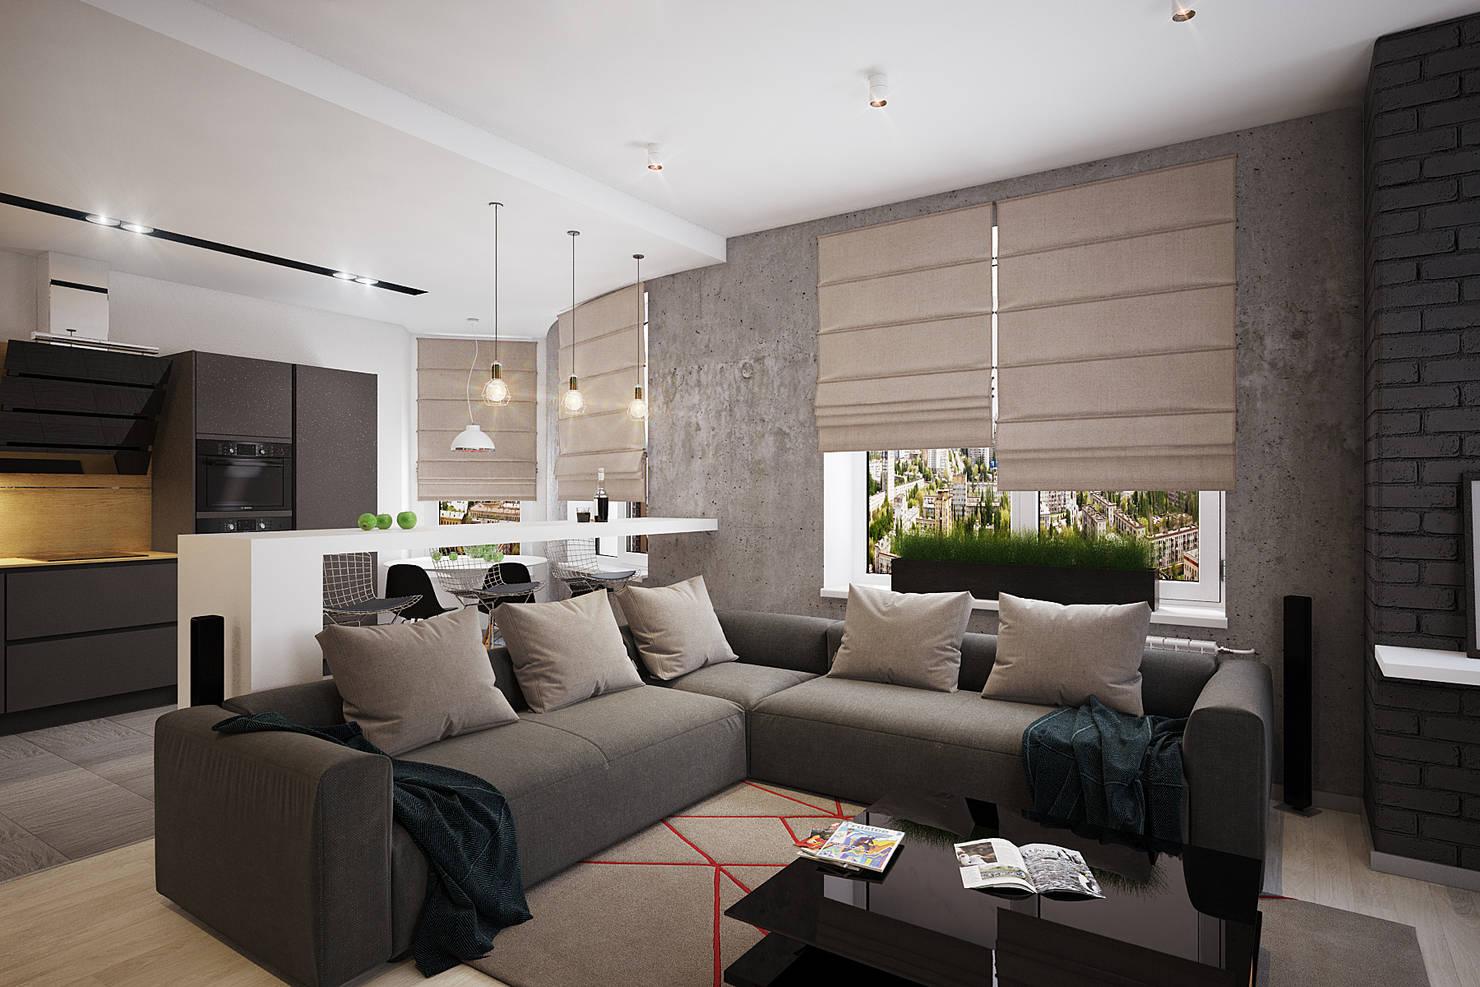 So richtet Ihr ein kleines Wohnzimmer mit 10 m² superschön ein!